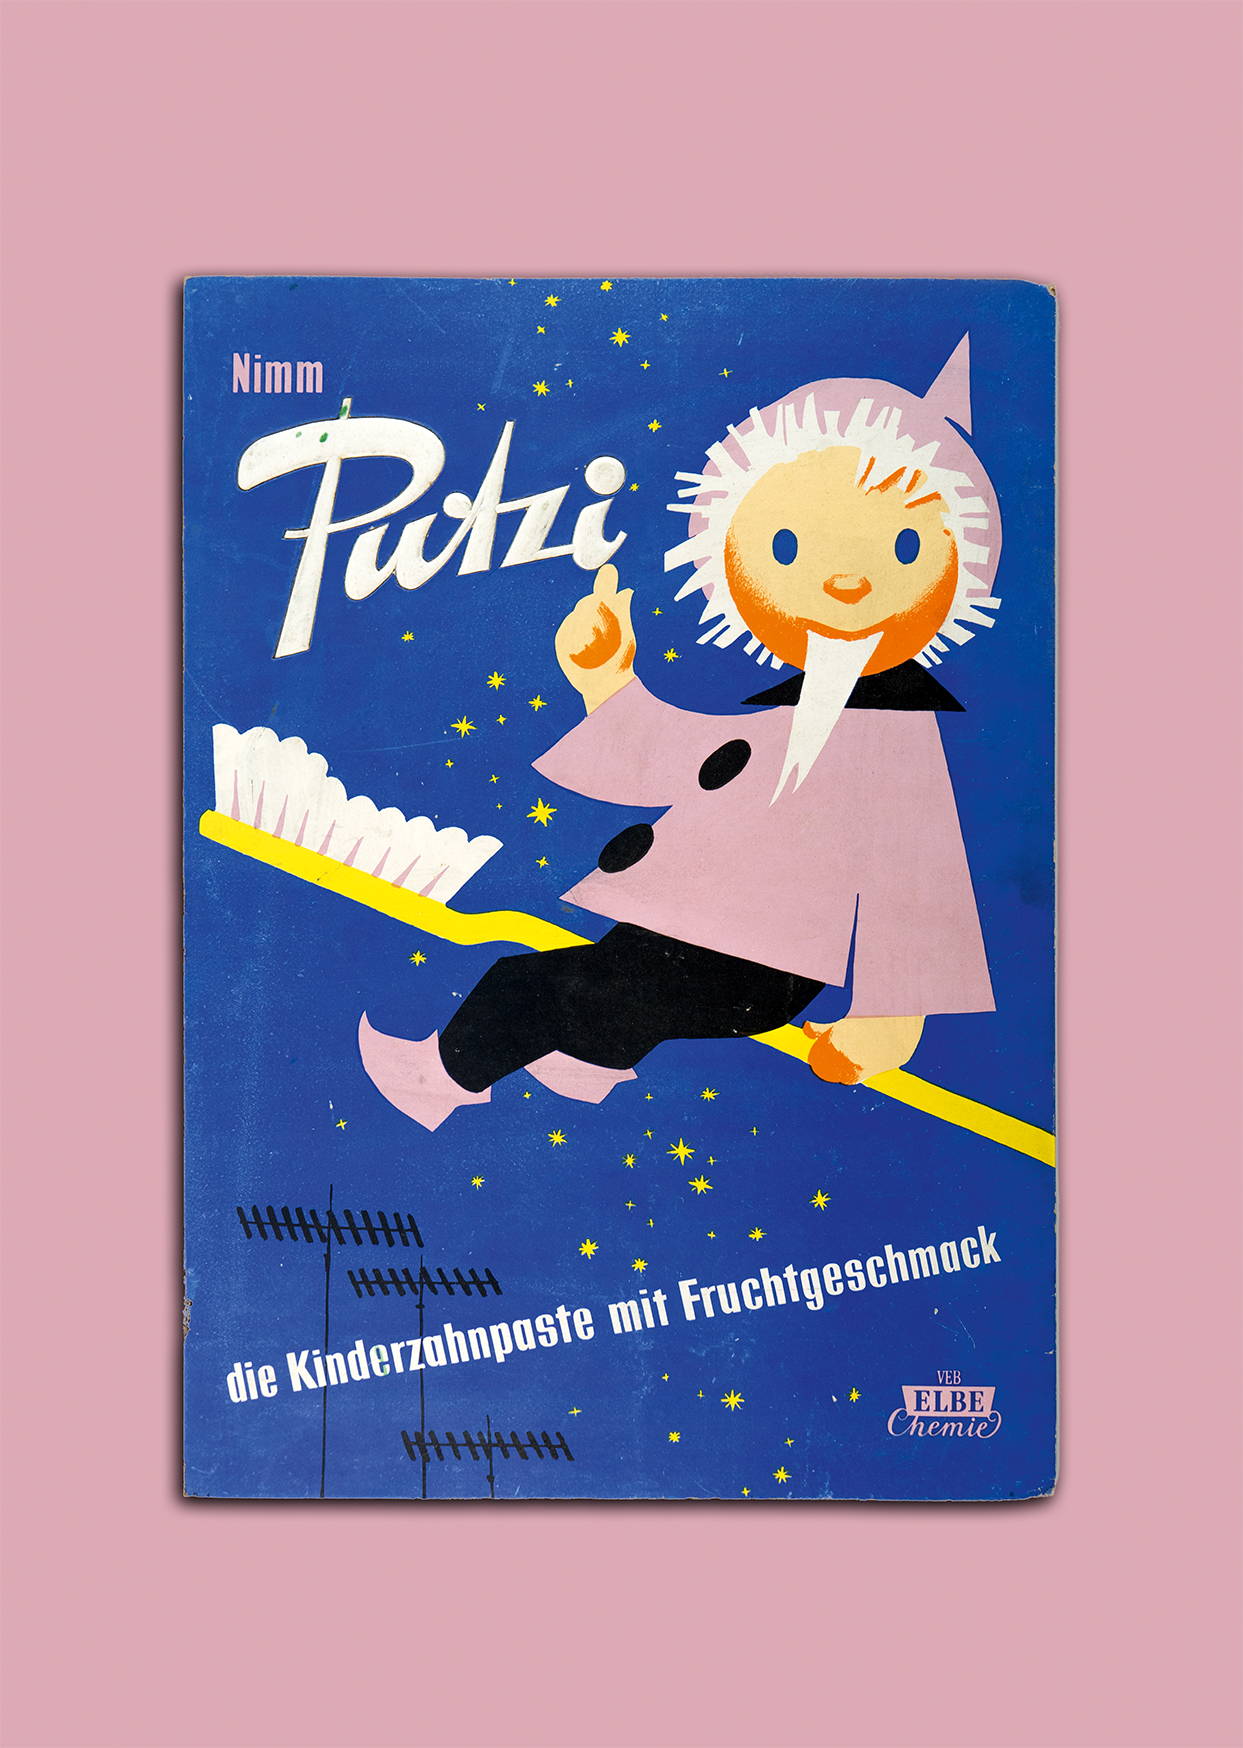 Sandmännchen und Bummibär warben einst für die Kinderzahncreme, die zu den typischsten DDR-Produkten zählt. Foto: DDR Museum, Berlin 2020